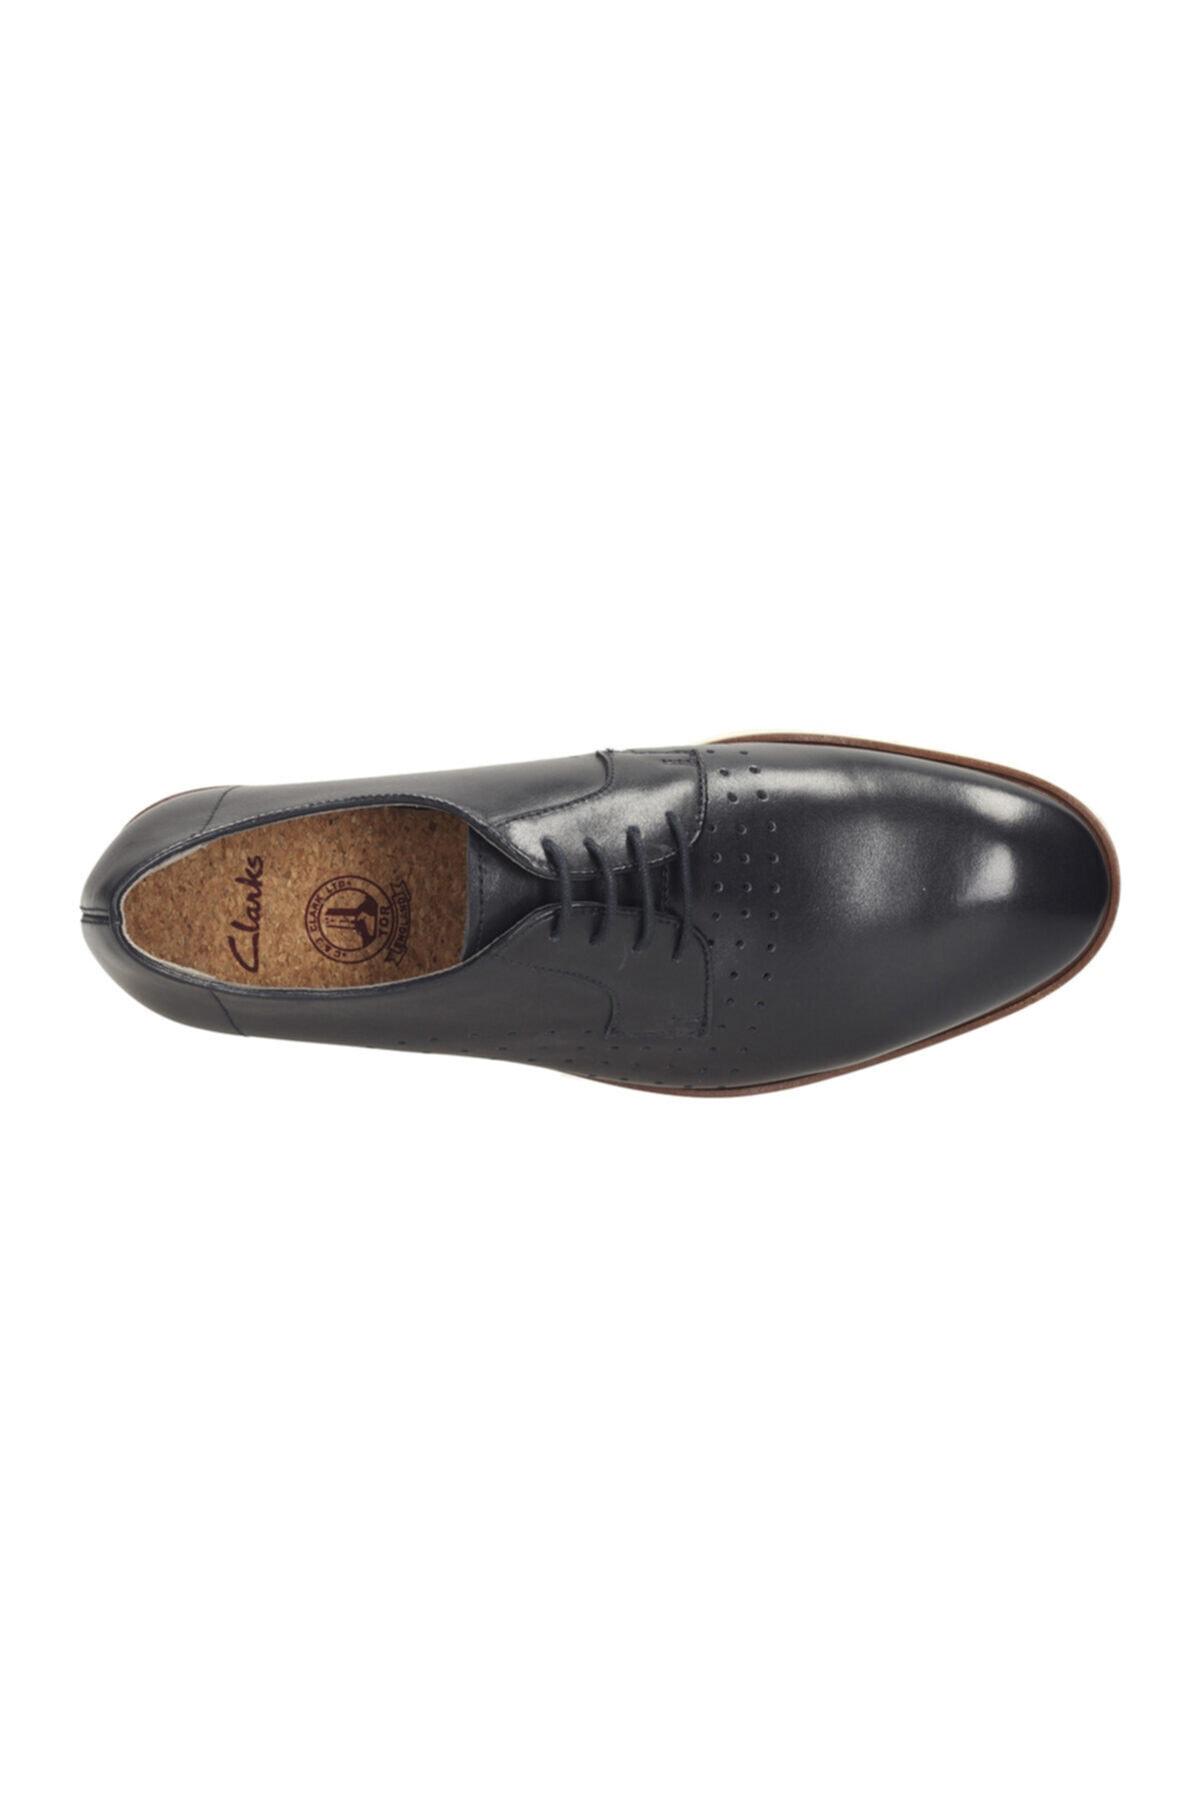 CLARKS Hakiki Deri Lacivert Erkek Ayakkabı 261142717 2